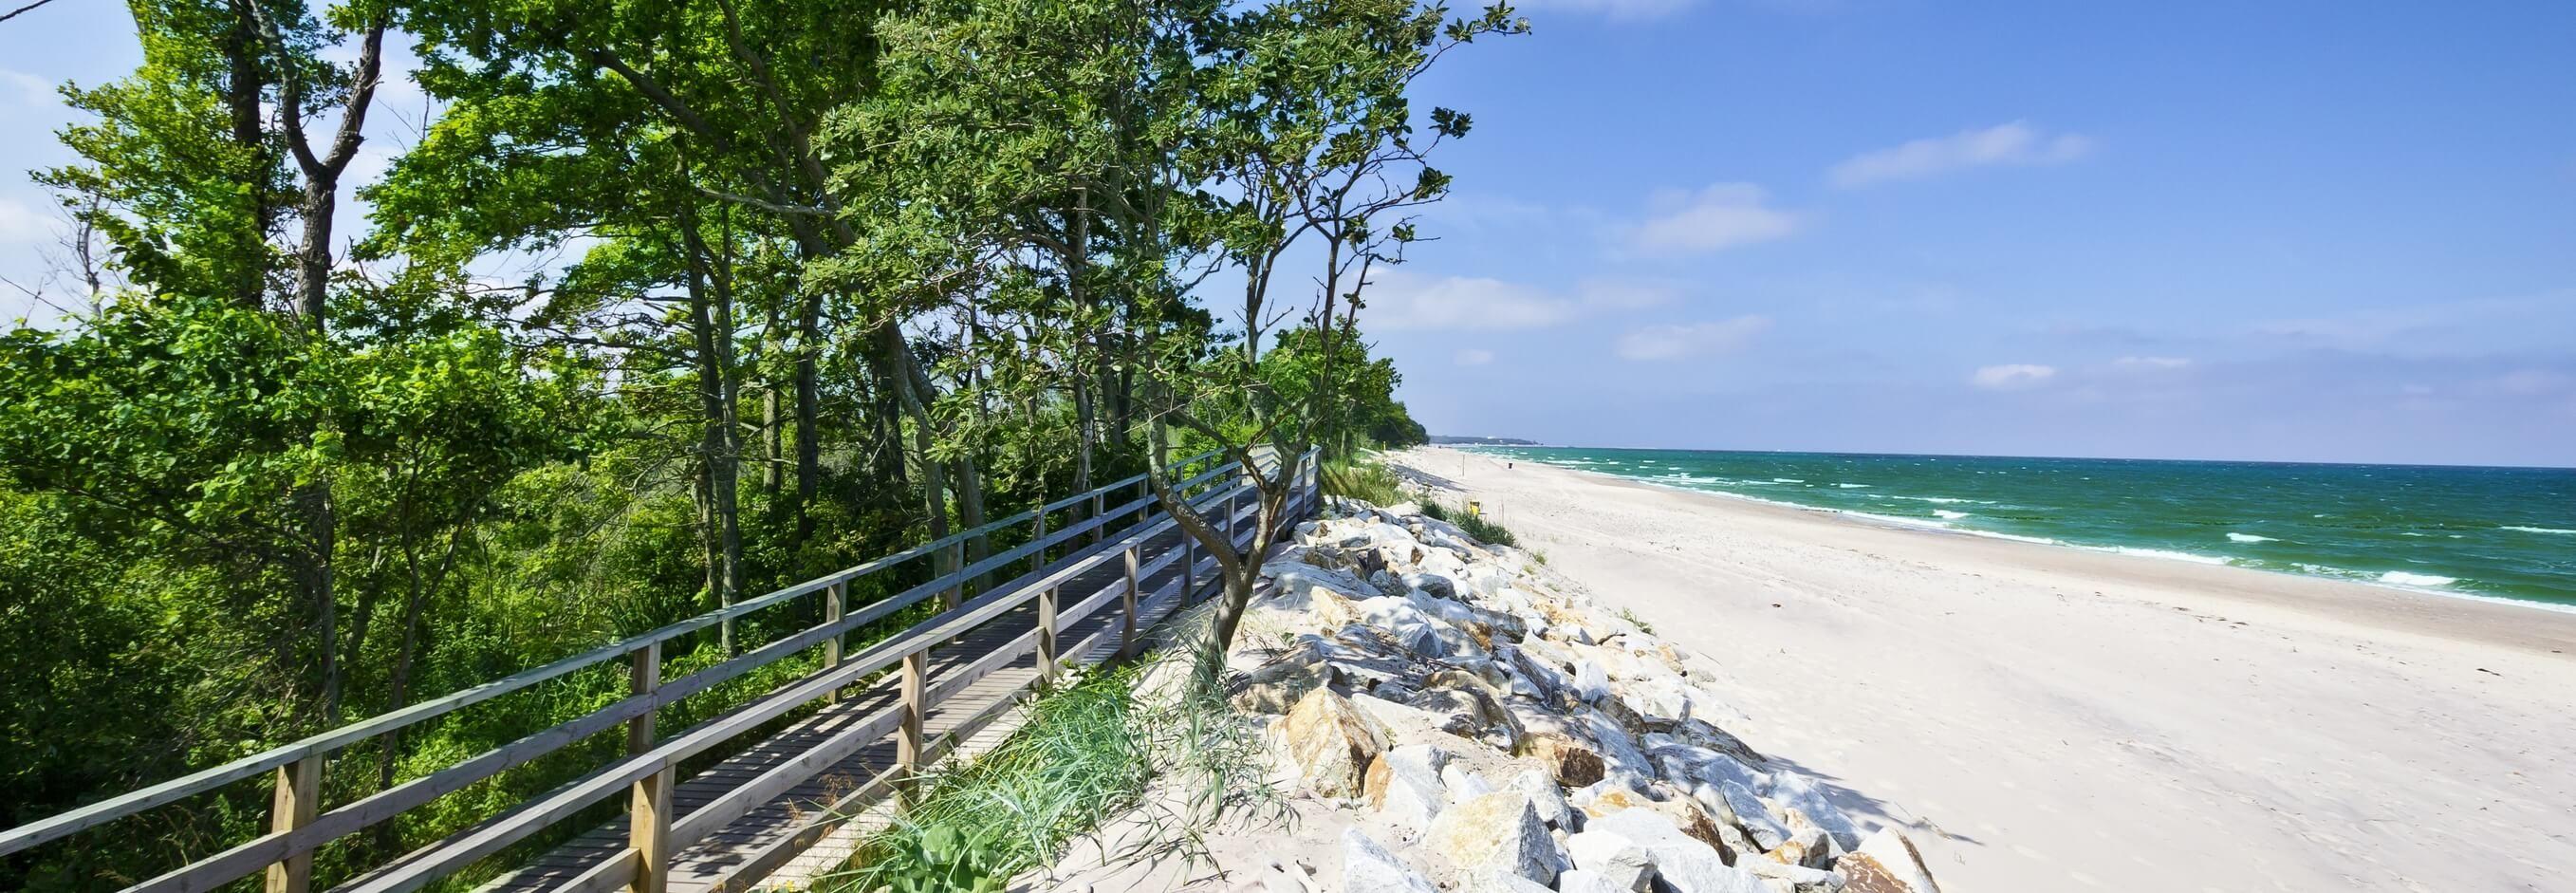 Erholsame Strandtage an der polnischen Ostsee 2, 3, 4